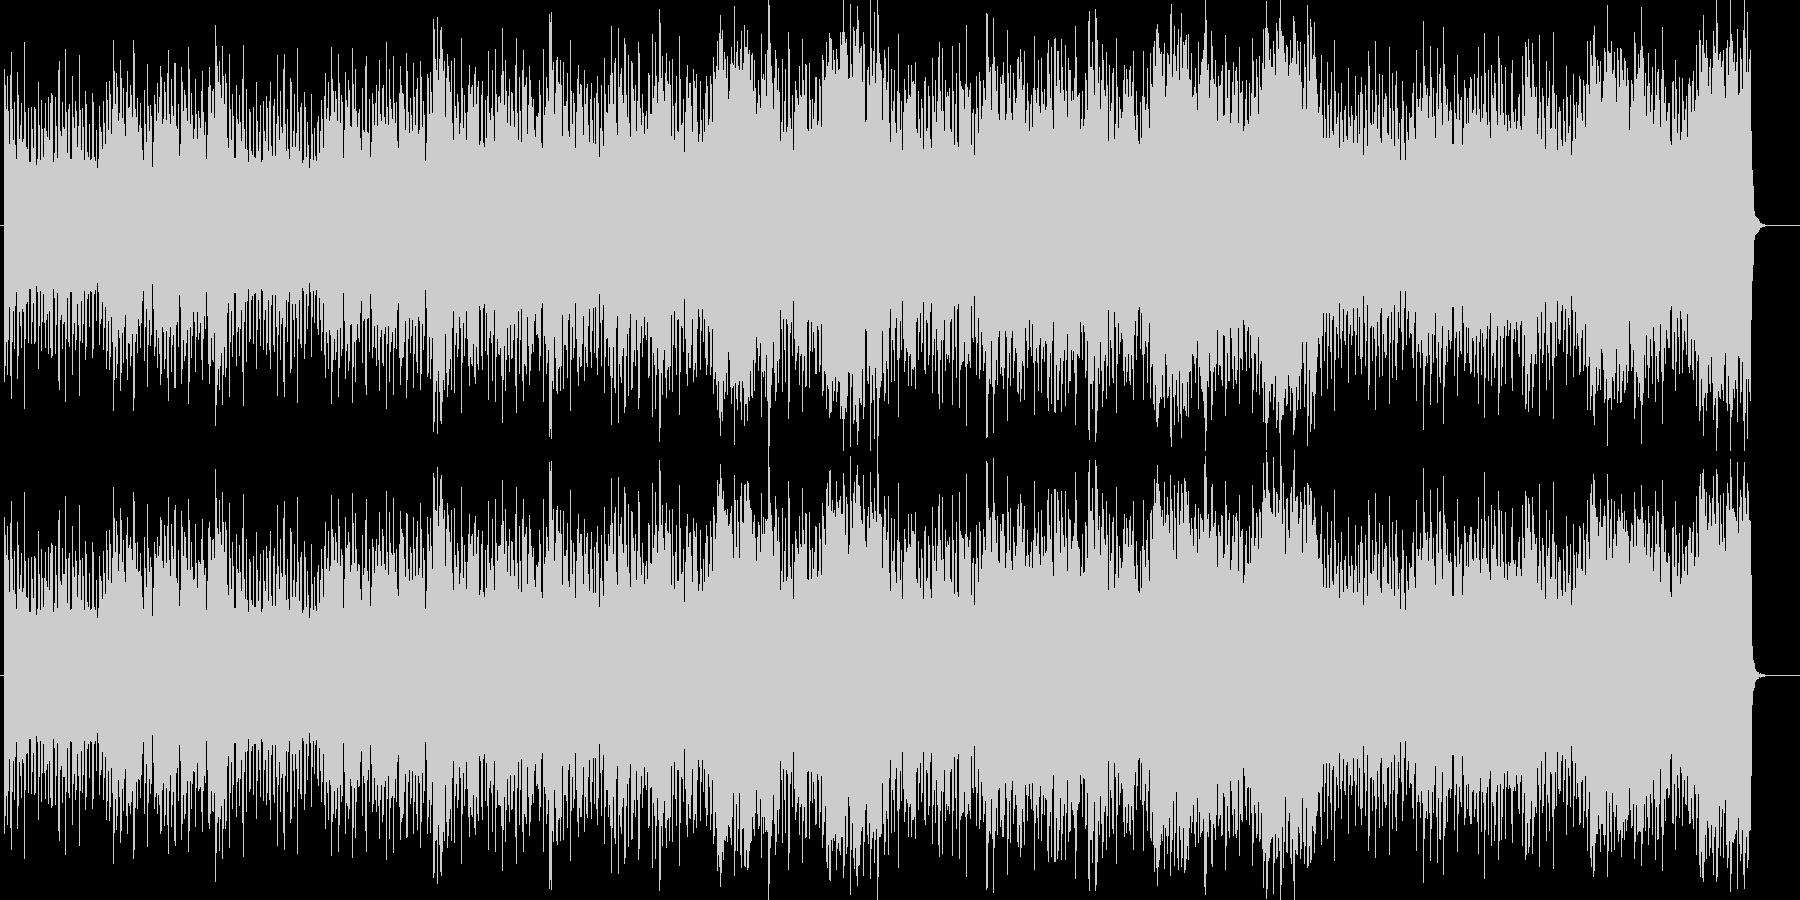 効果音が印象的なふてくされたような曲の未再生の波形